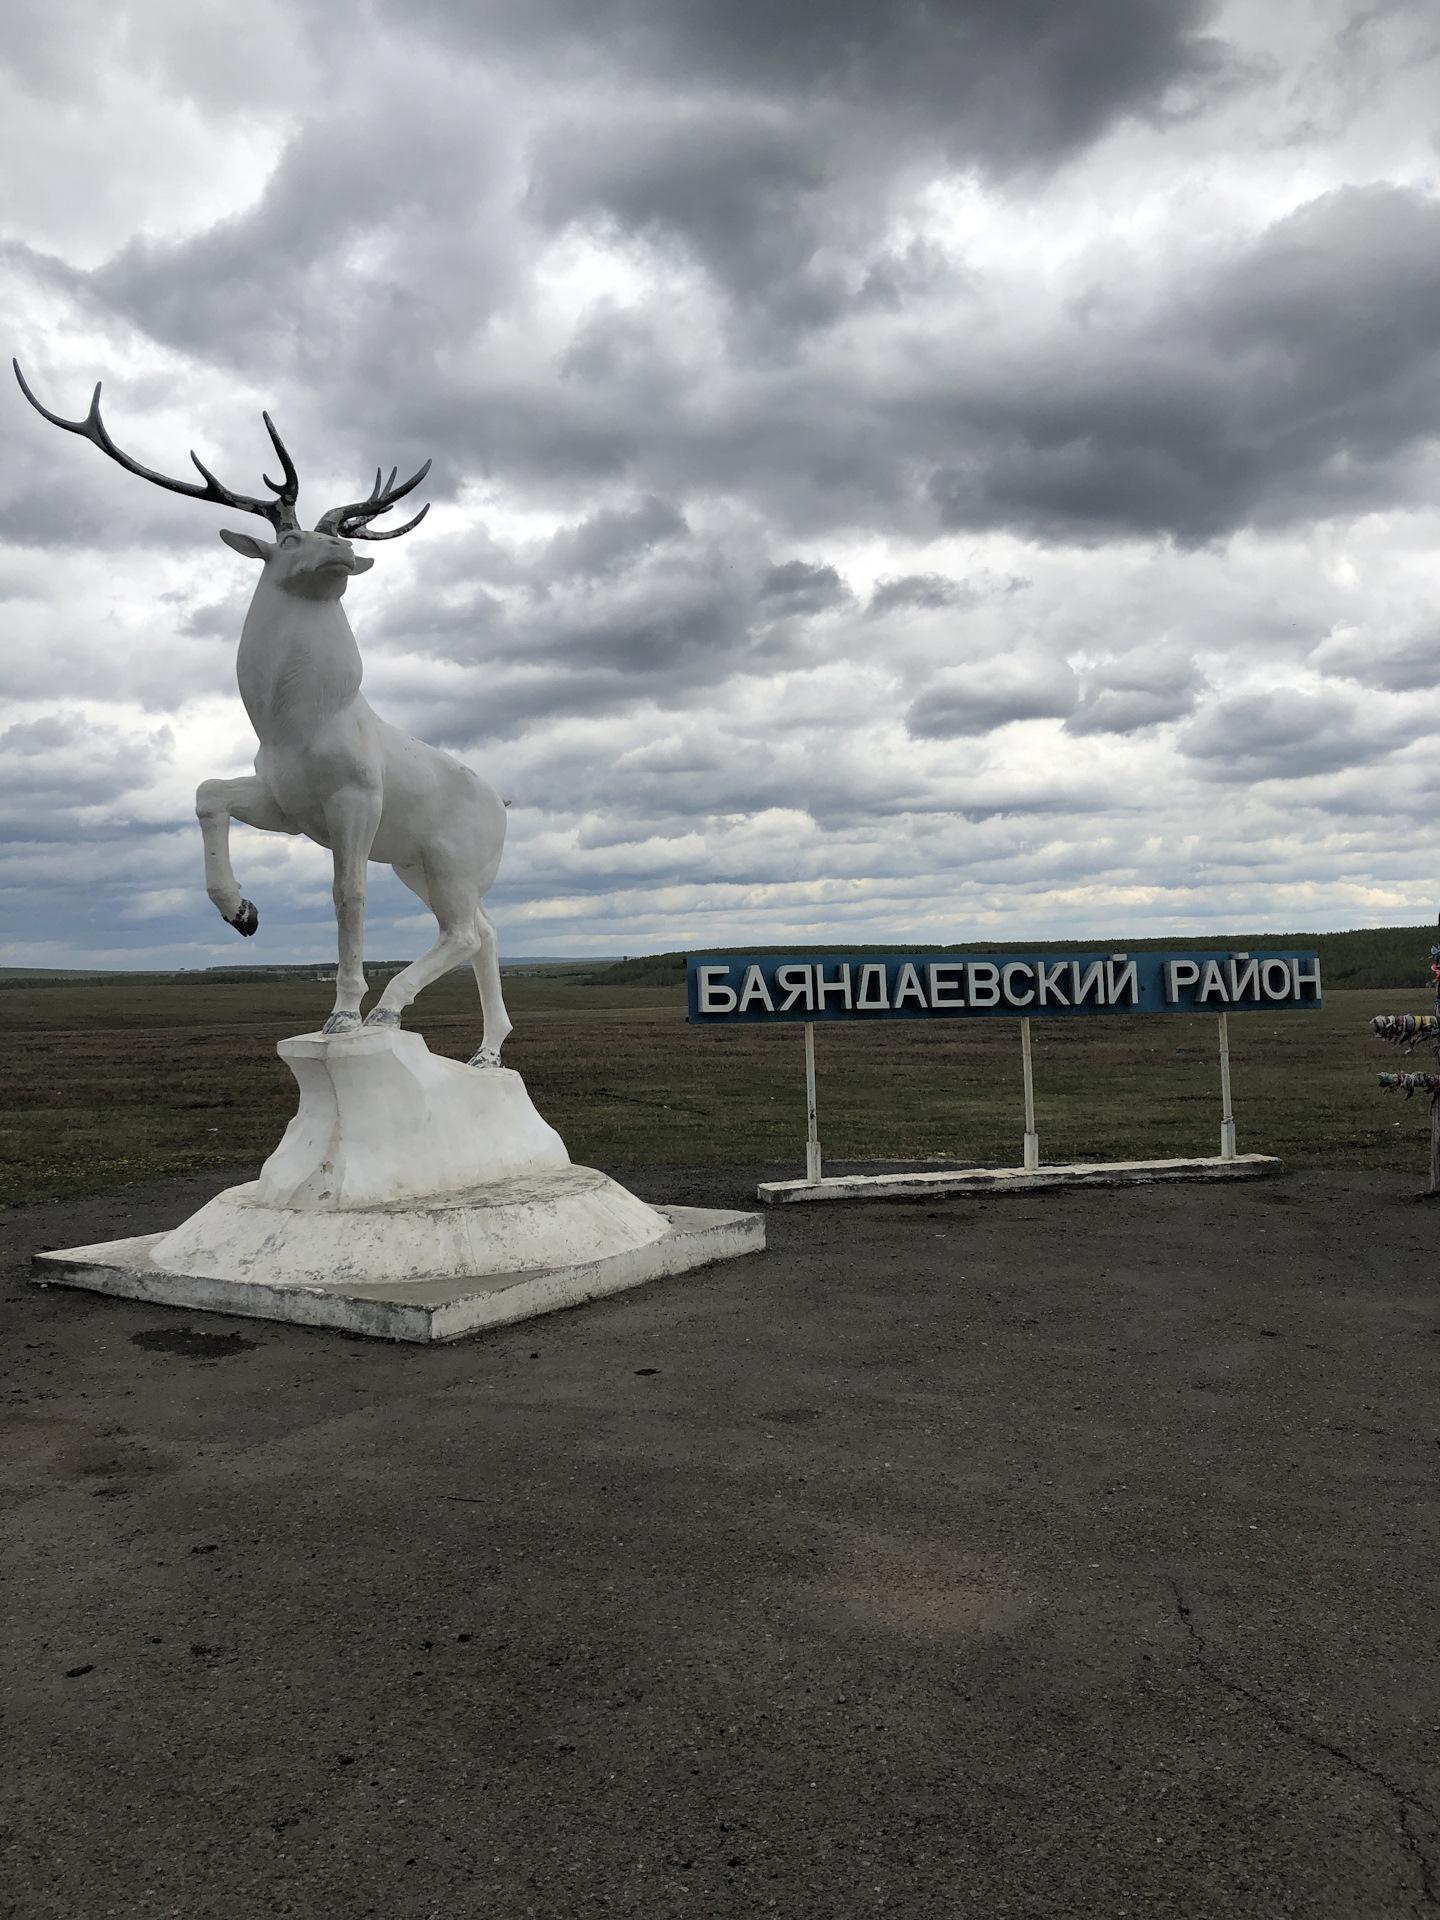 Картинки баяндаевского района